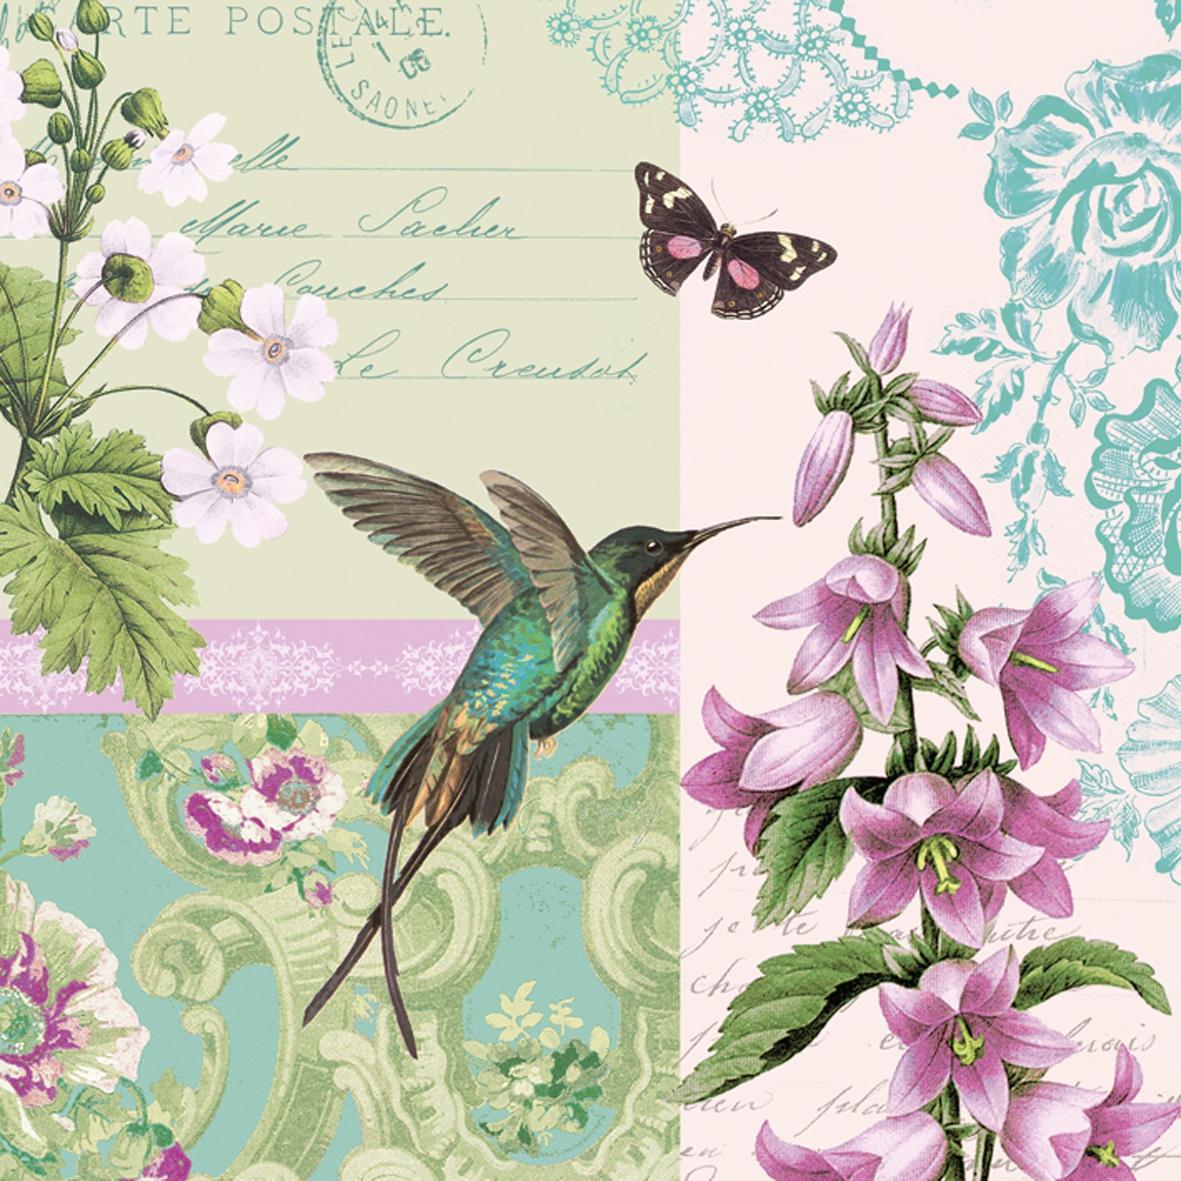 Lunch Servietten Belle Colibri                    ,  Blumen -  Sonstige,  Tiere - Vögel,  Everyday,  lunchservietten,  Kolibri,  Blumen,  Schmetterlinge